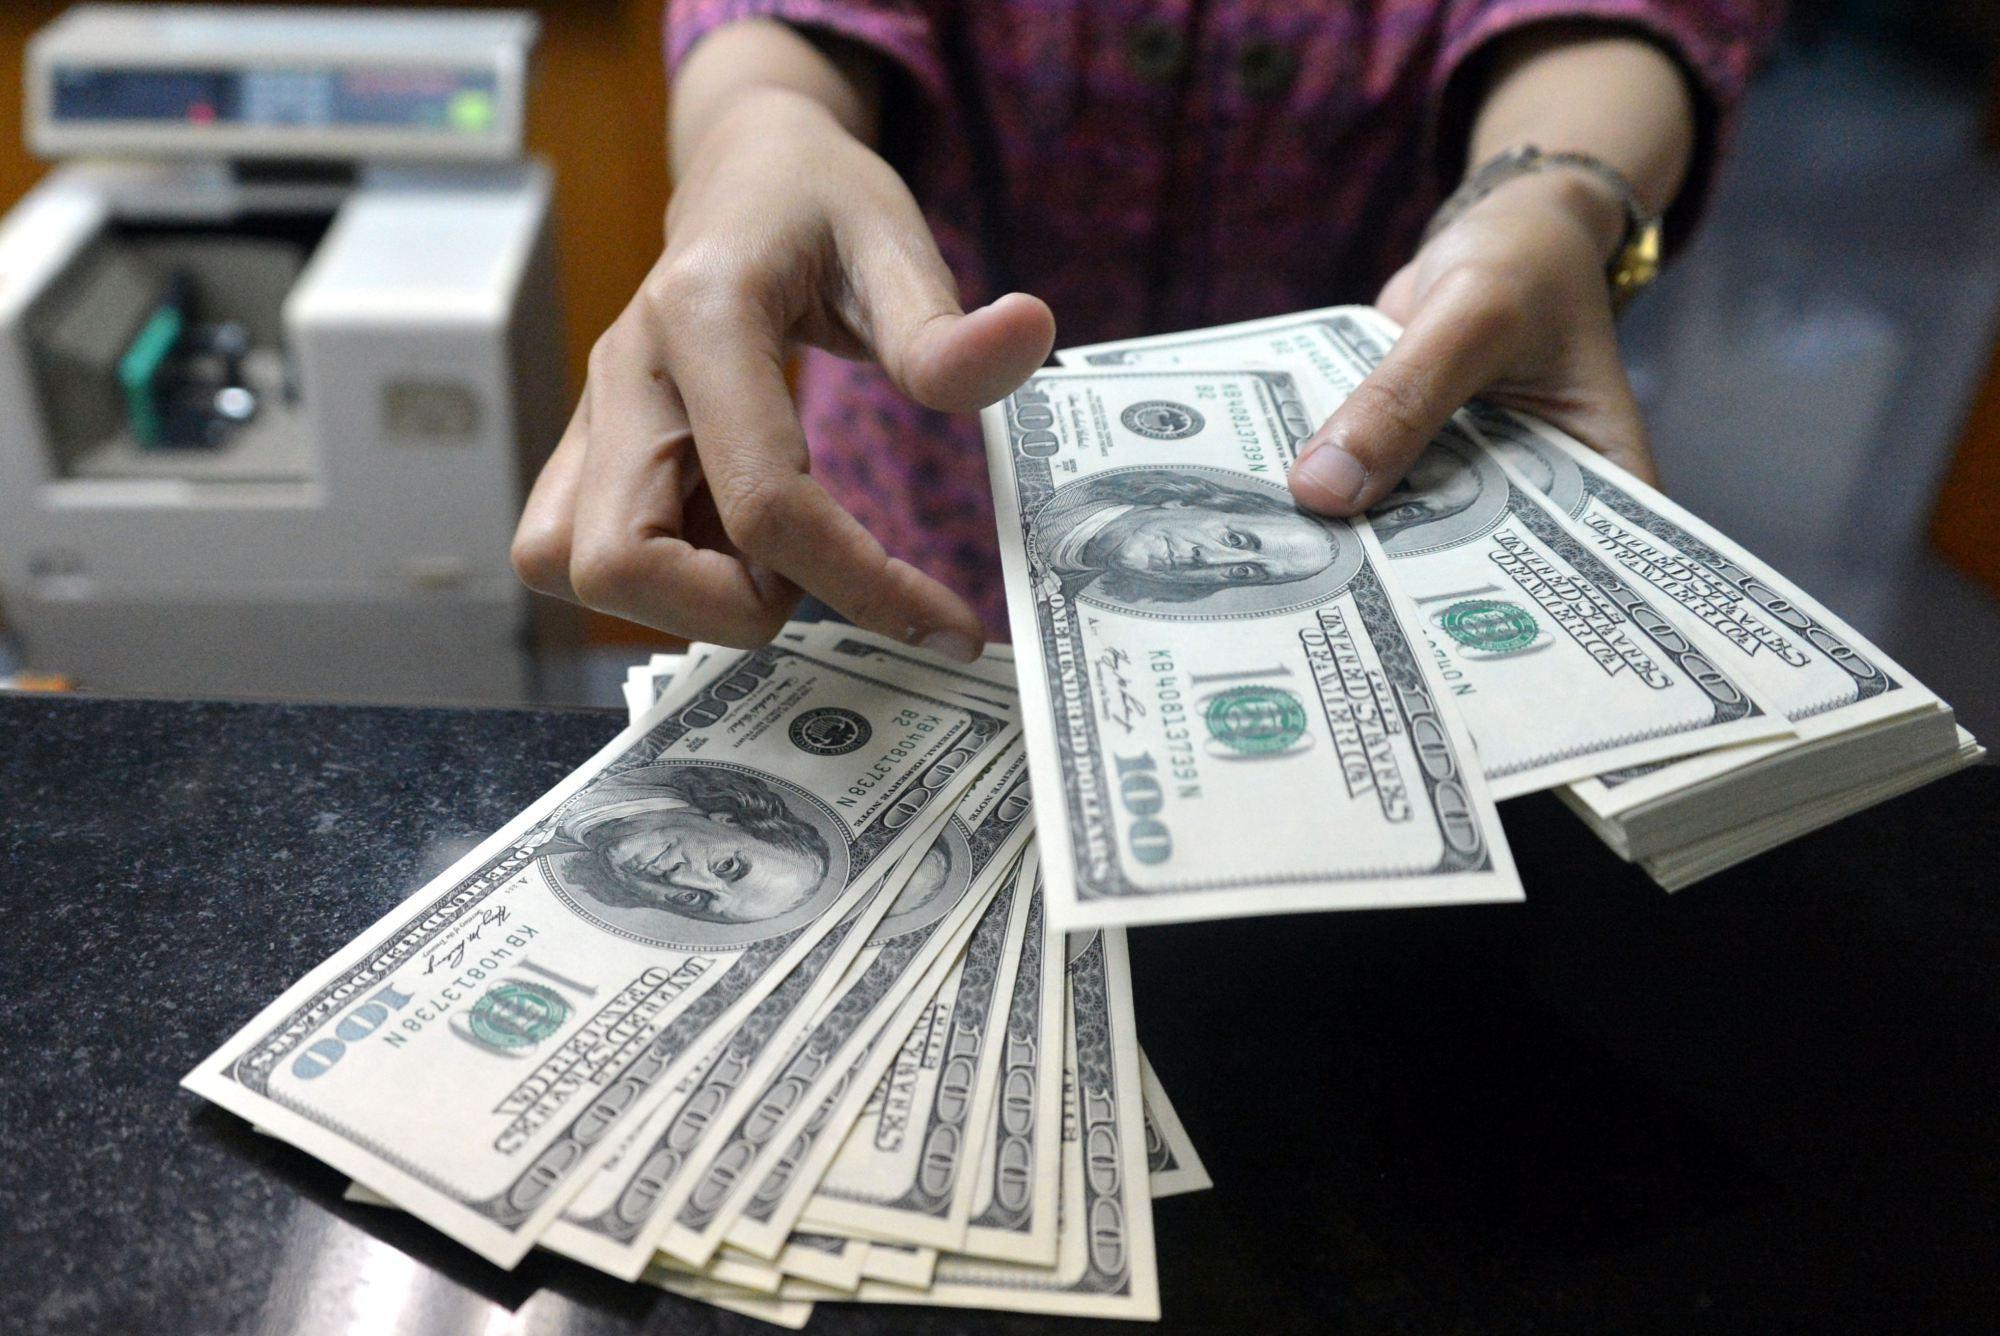 Названы две валюты, способные ударить по гегемонии доллара bloomberg,Валюта,Доллар,Прогноз,Экономика,Мир